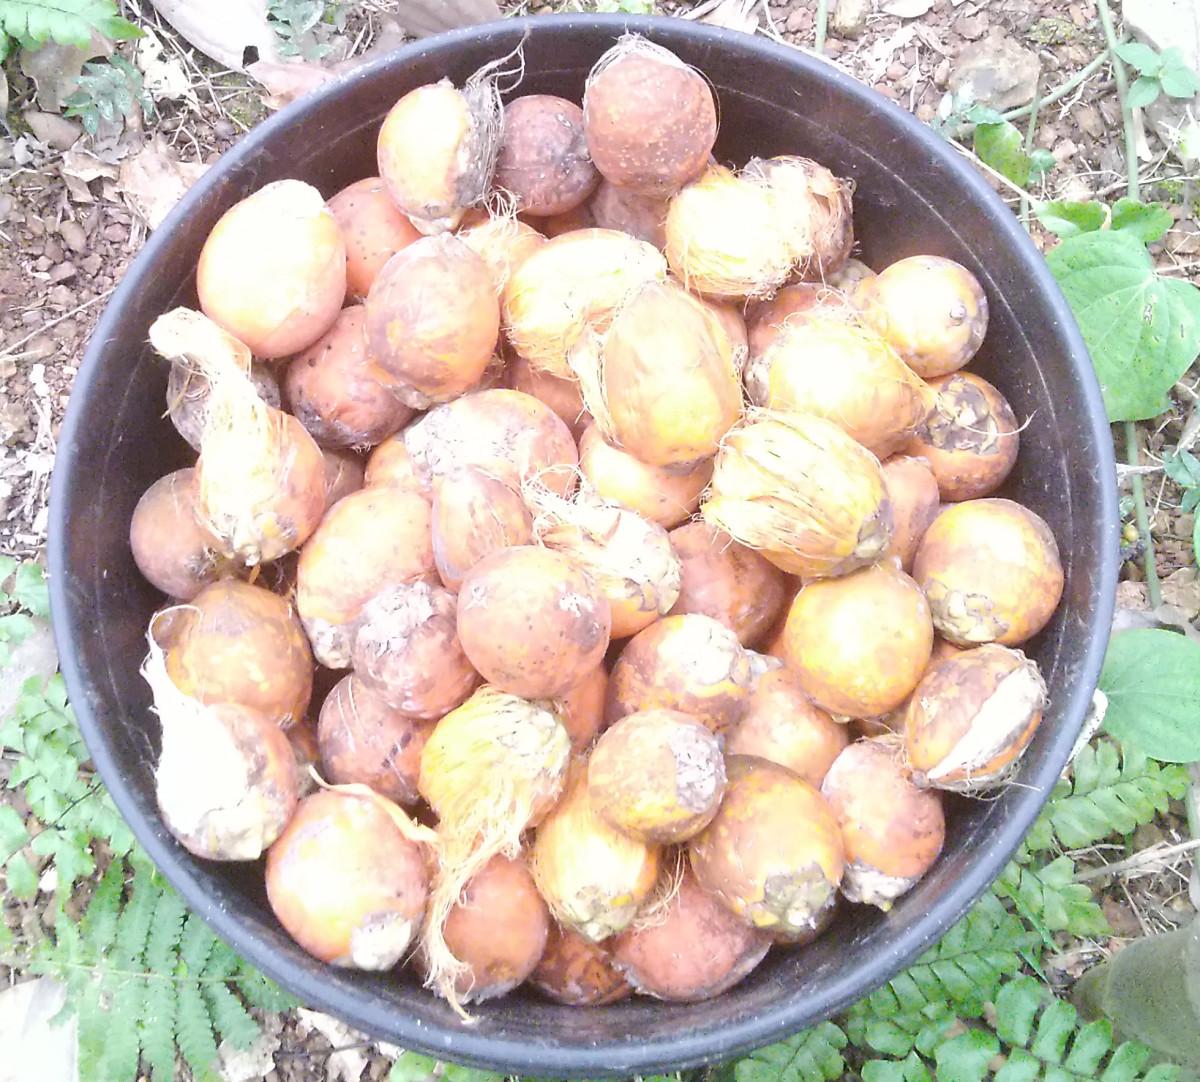 Ripe arecanuts hand-picked from the plantation